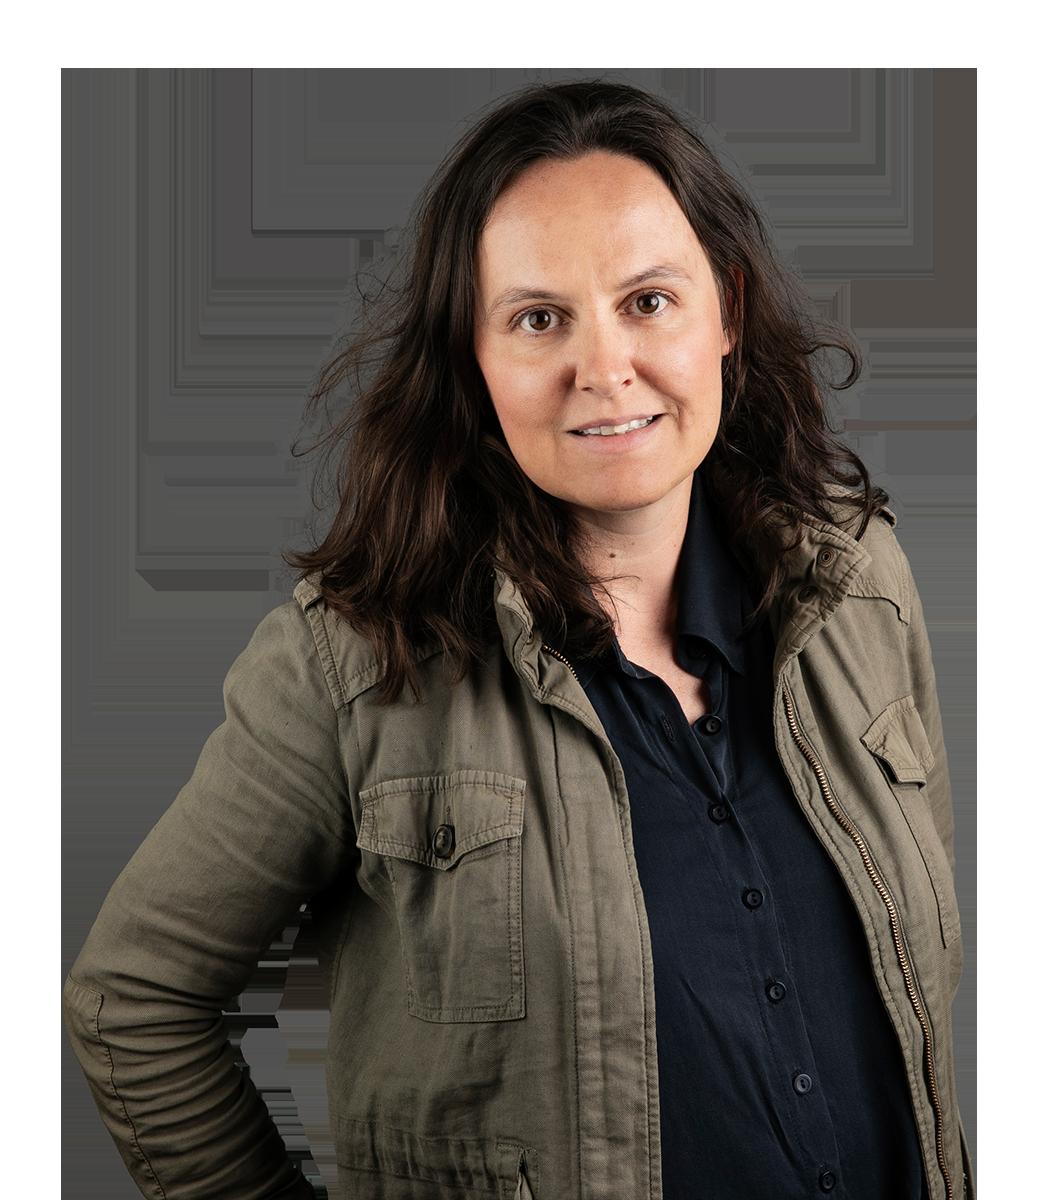 """Jana Hensel: Jana Hensel ist Schriftstellerin und Autorin bei ZEIT ONLINE. Ihr Buch """"Wer wir sind: Die Erfahrung, ostdeutsch zu sein"""" erschien 2018 im Aufbau-Verlag."""